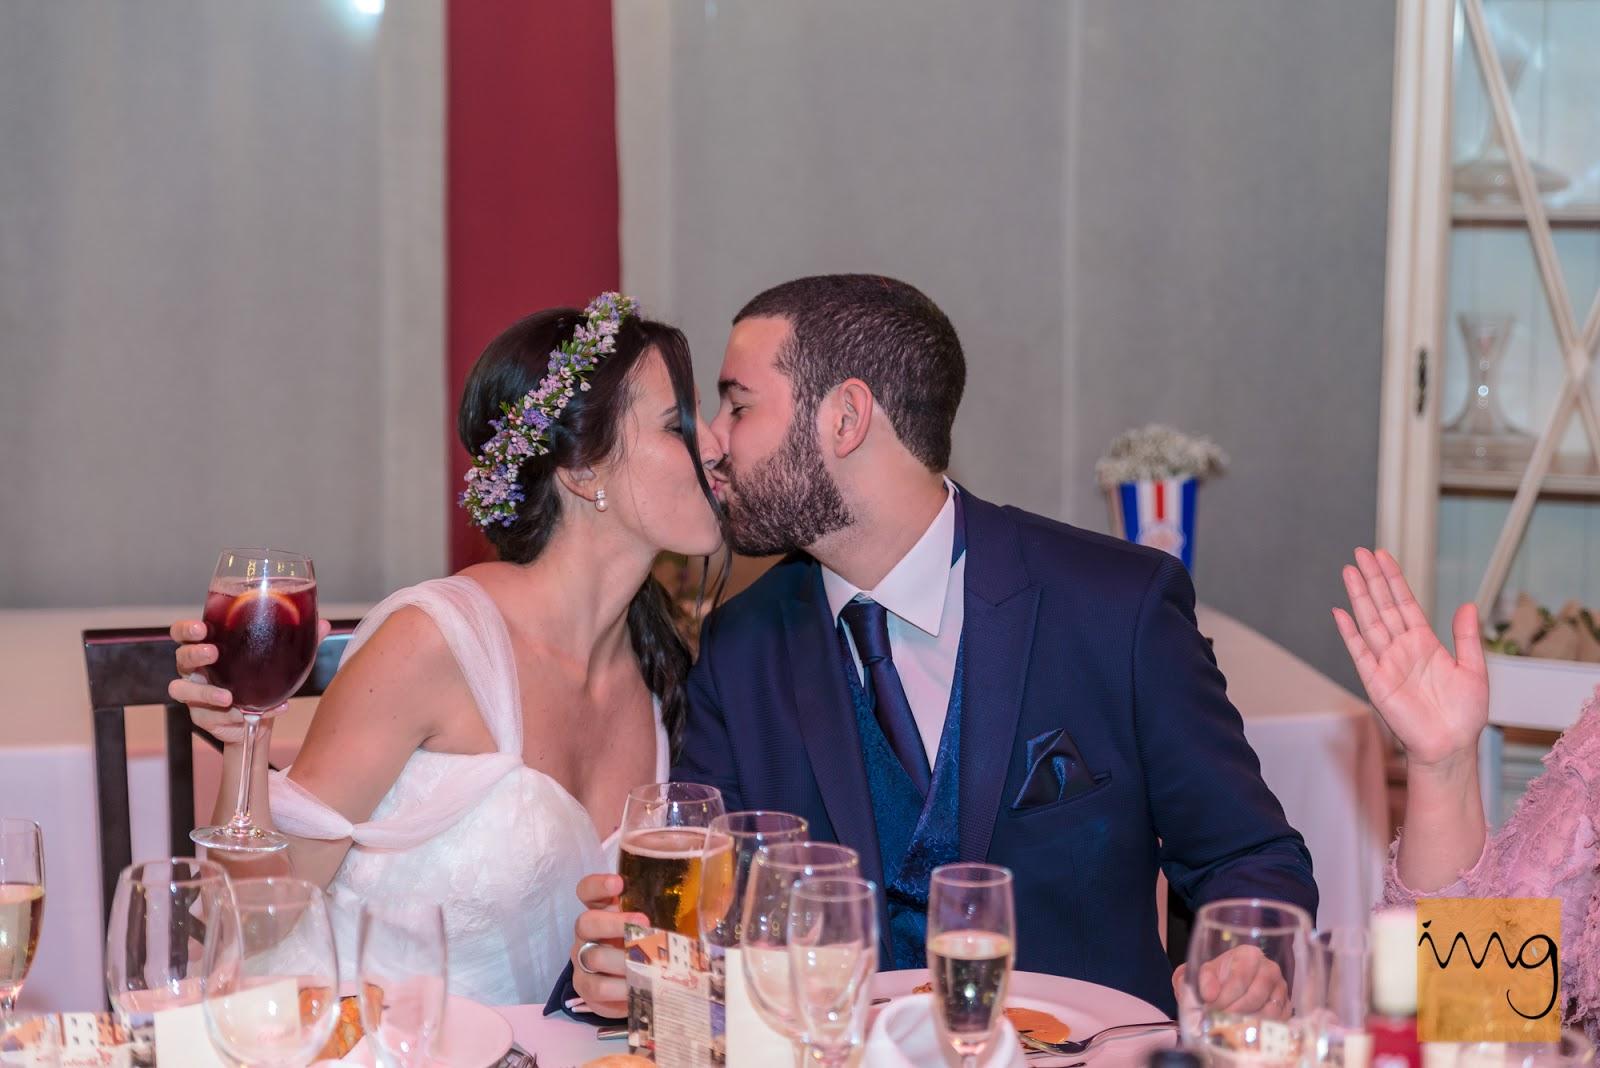 Reportaje de boda en la celebración